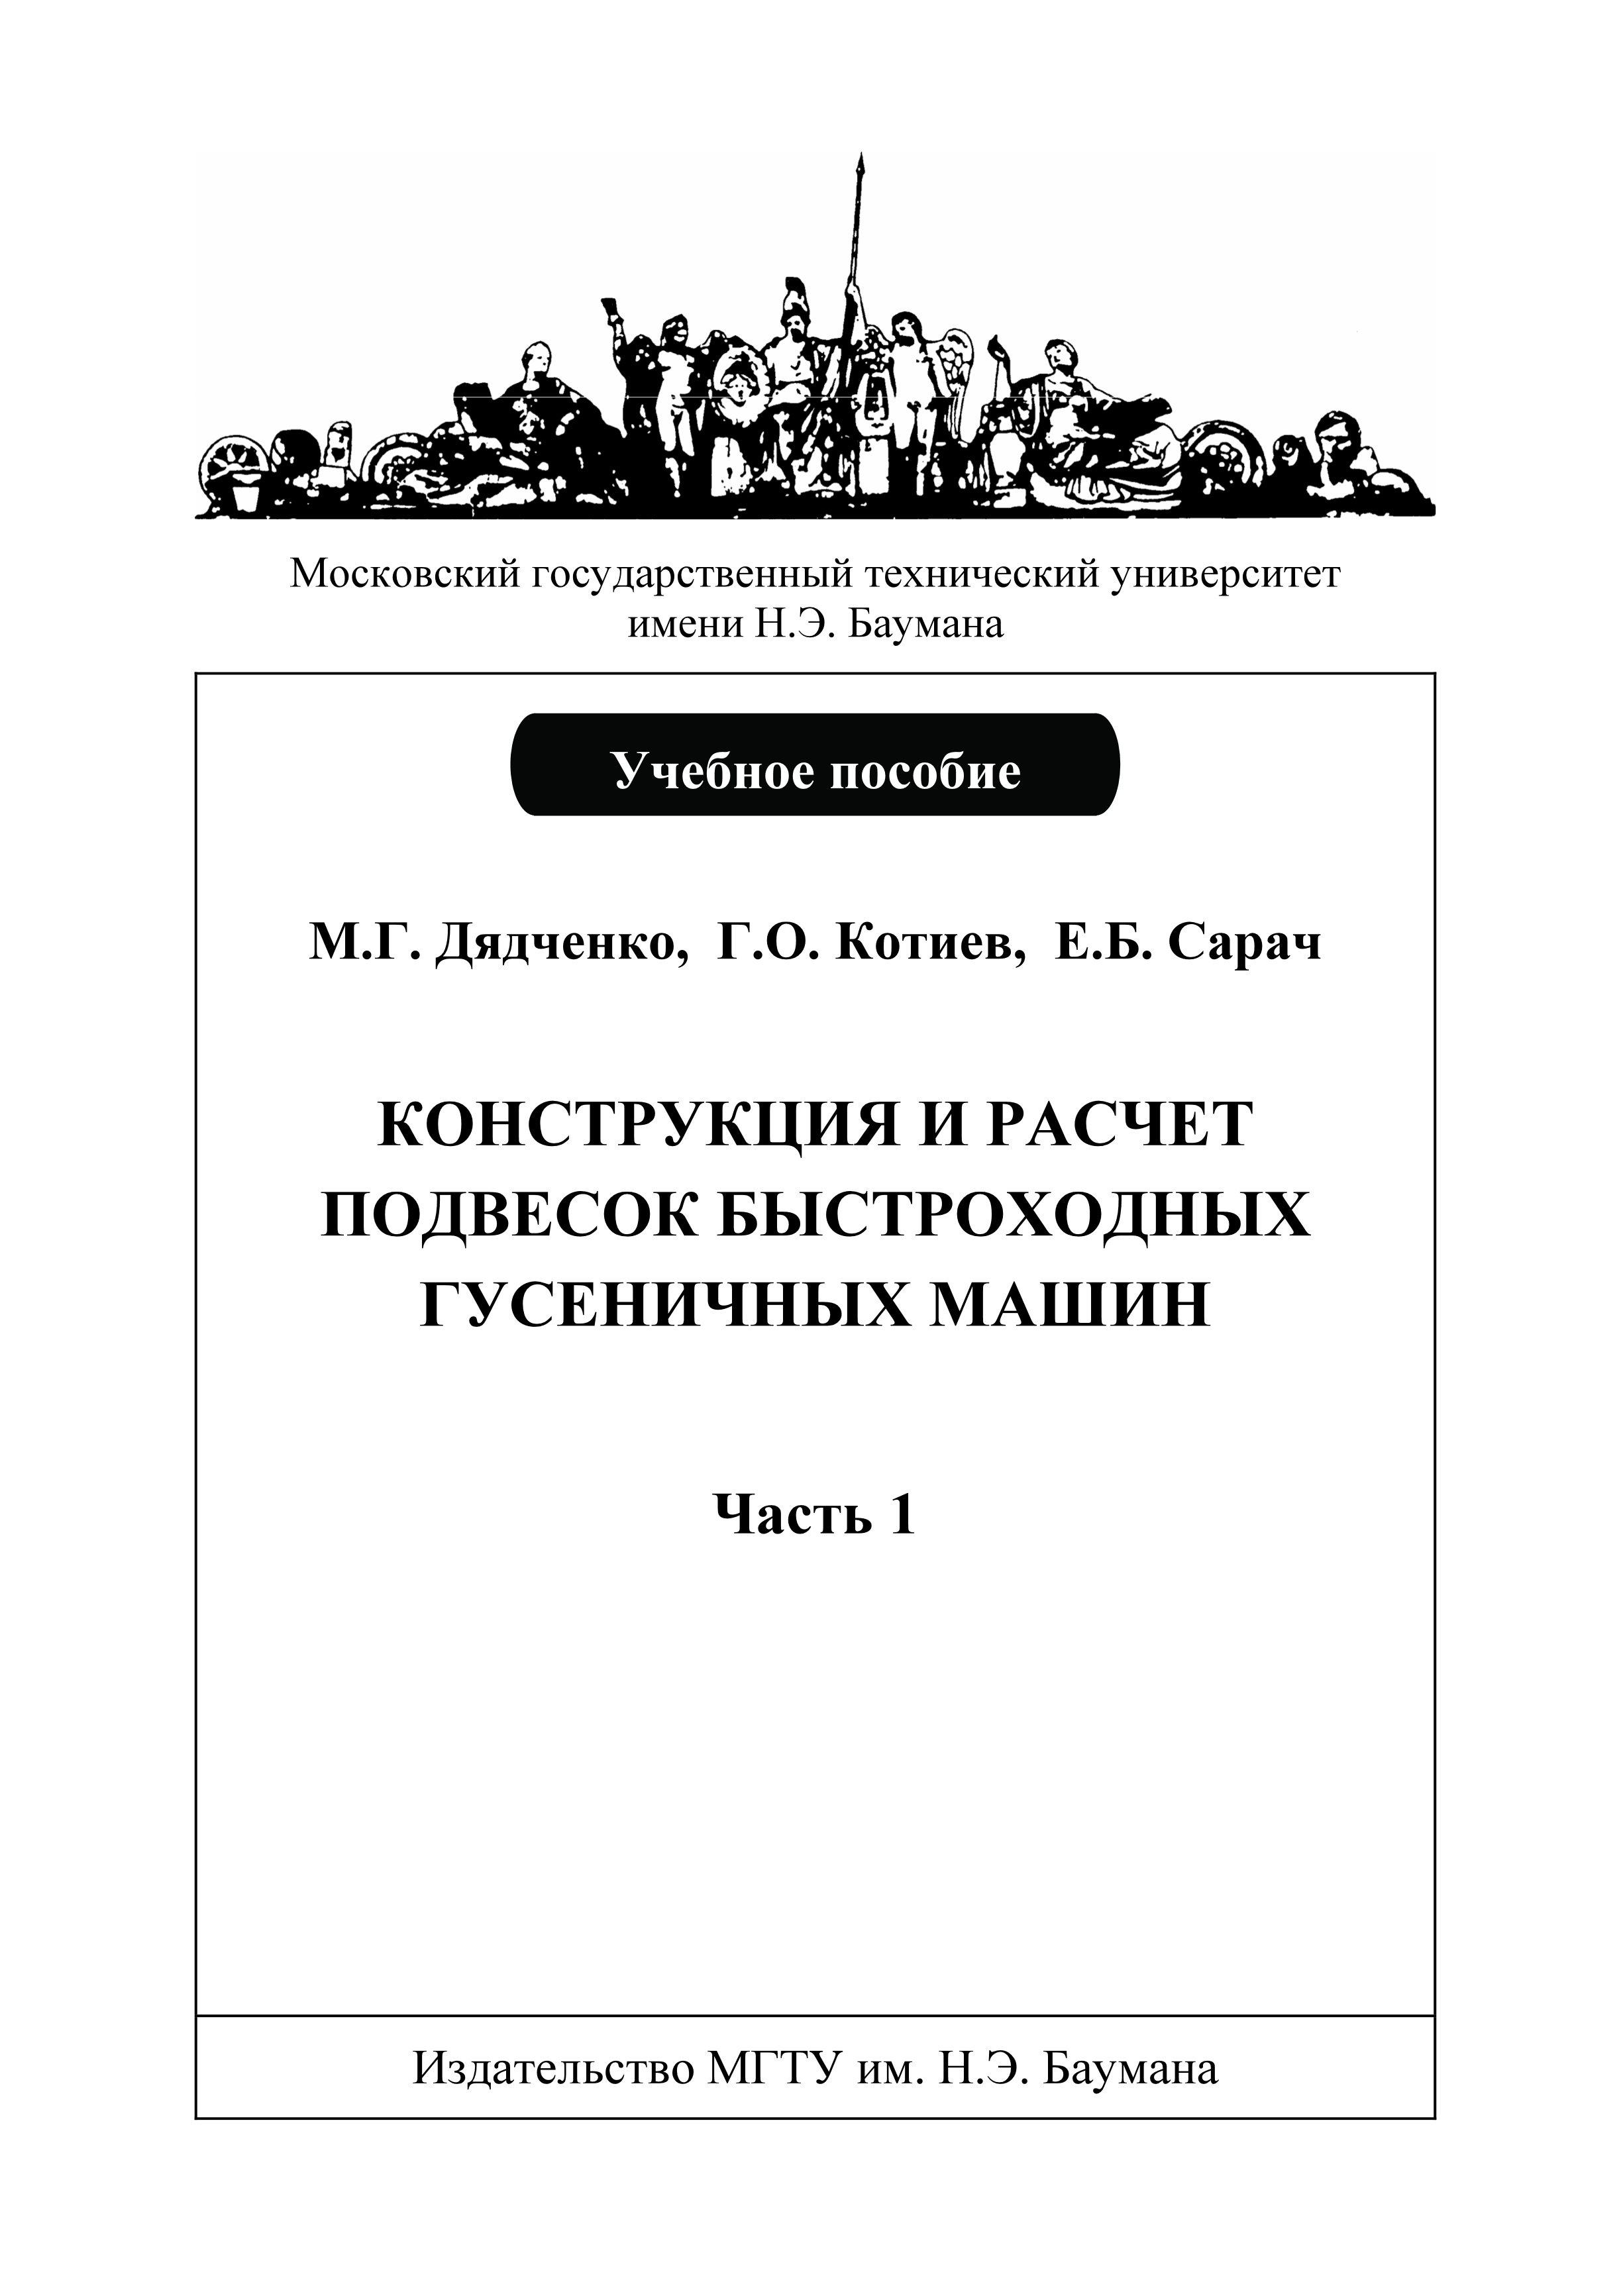 Михаил Дядченко Конструкция и расчет подвесок быстроходных гусеничных машин. Часть 1 цена